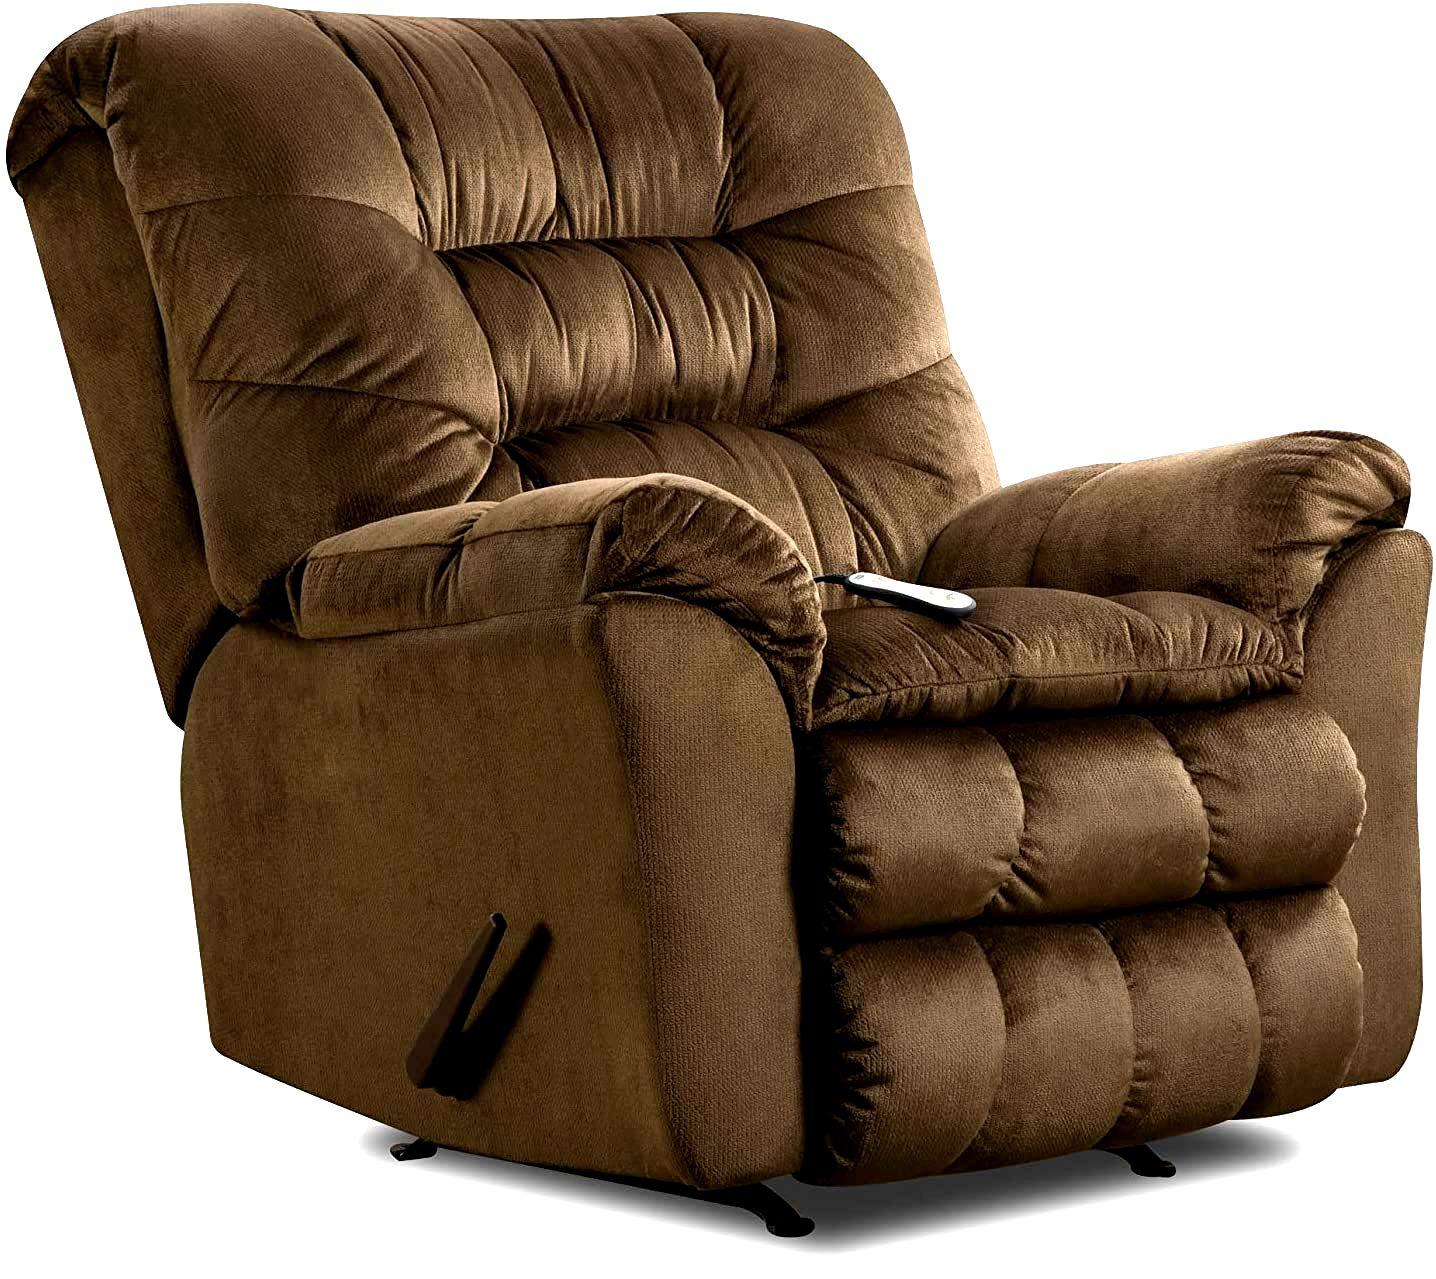 Simmons Upholstery Umber Rocker Recliner